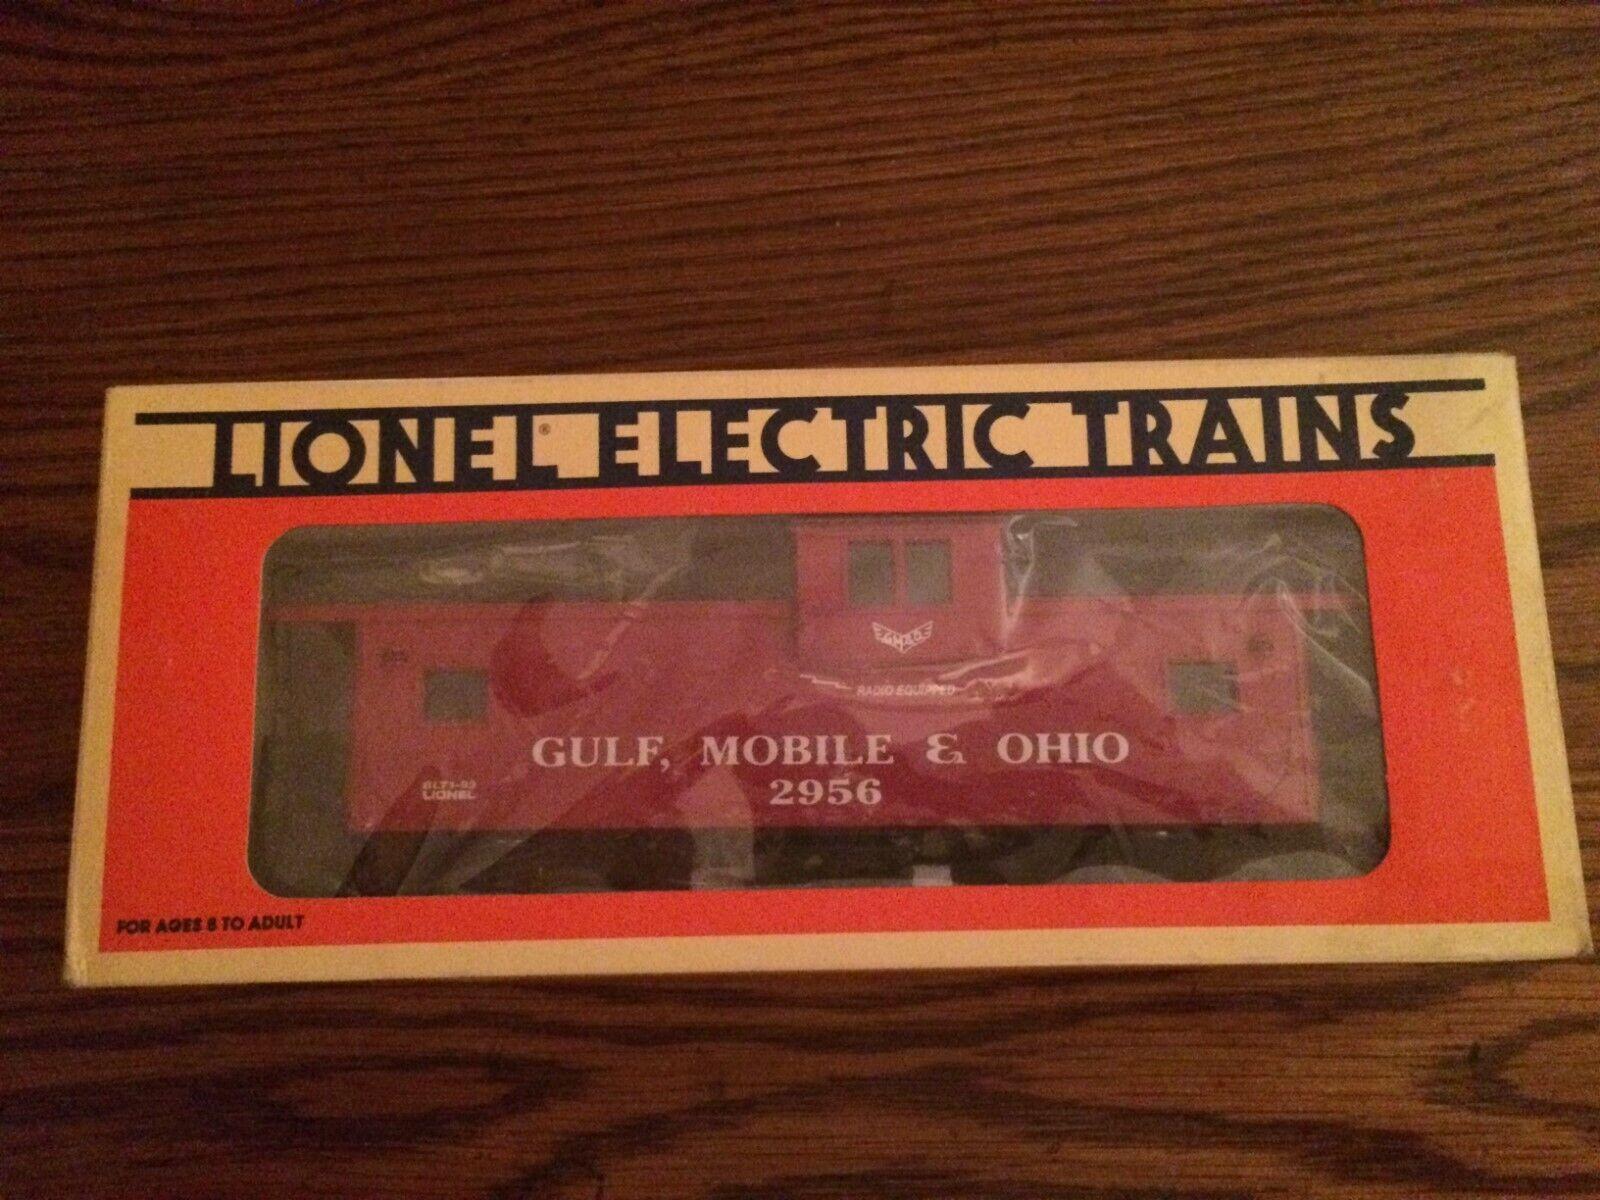 Lionel 19721 Gulf Mobile & Ohio visión extendida Furgón De Cola Nuevo En Caja